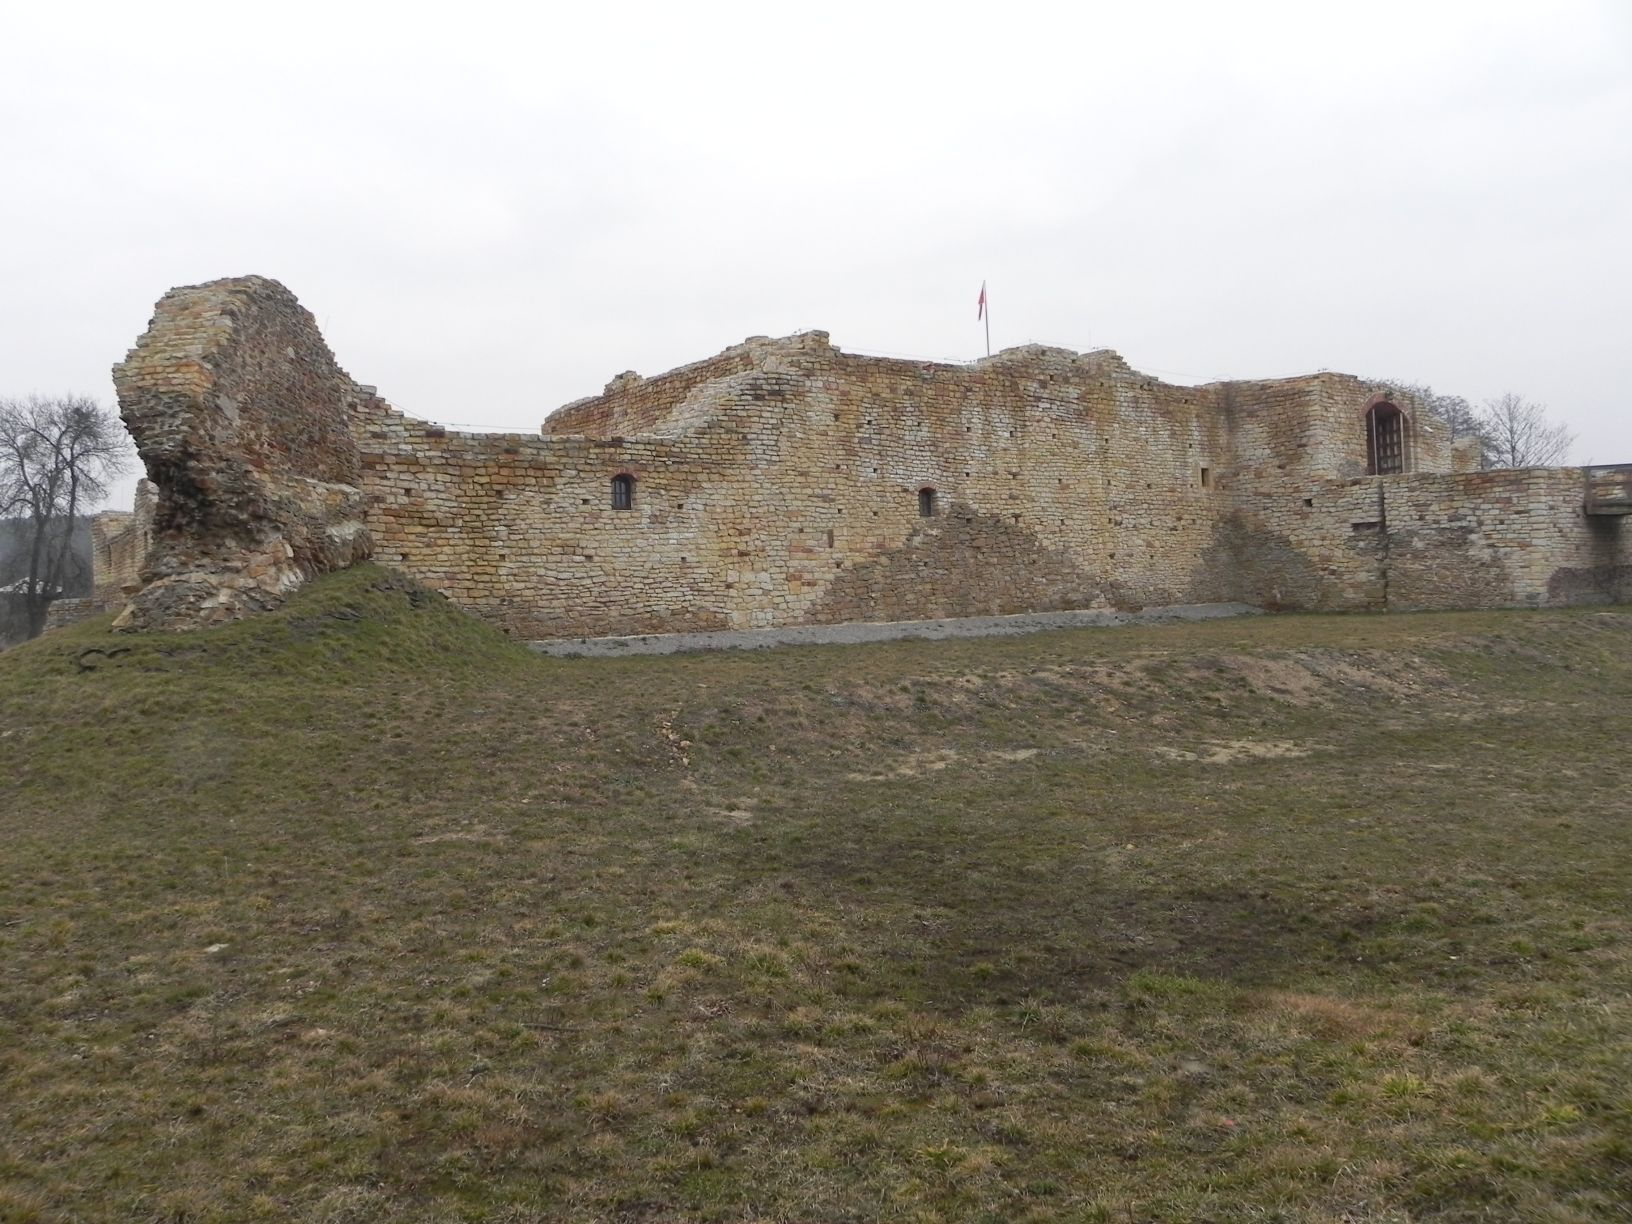 2014-01-05 Inowłódz - Ruiny zamku (16)